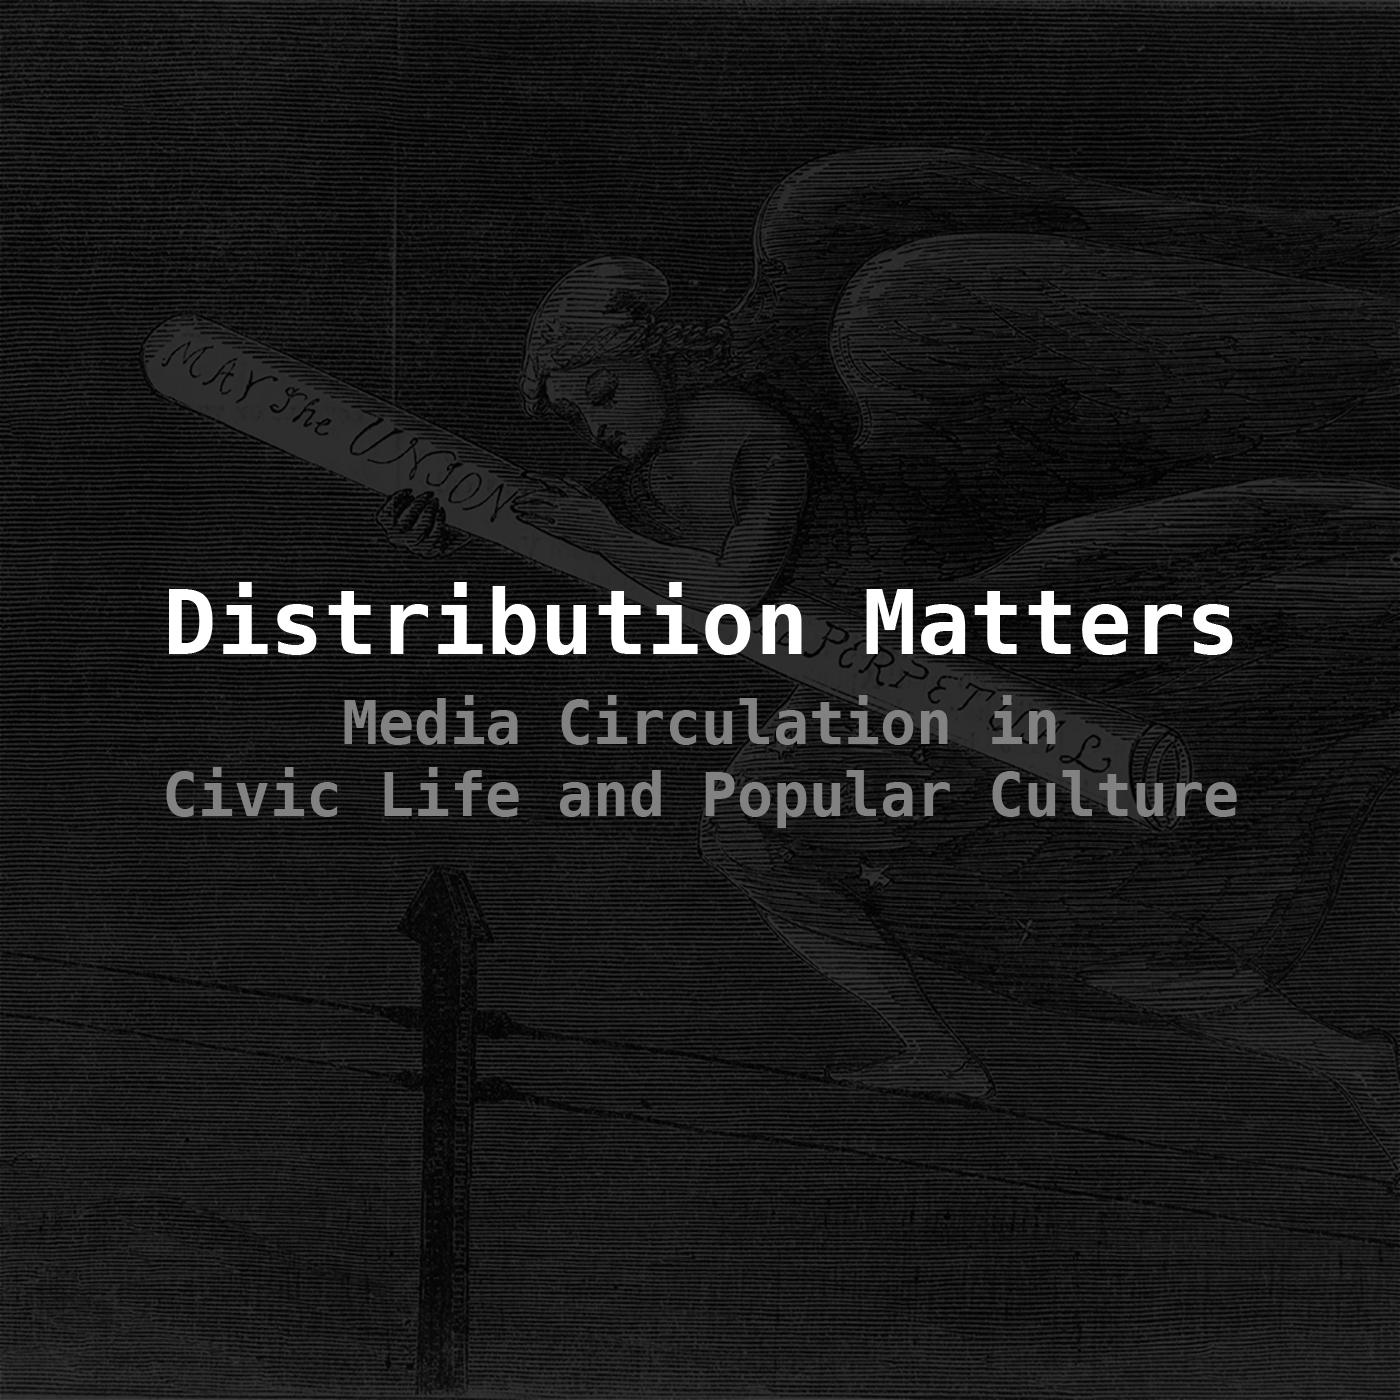 Distribution Matters